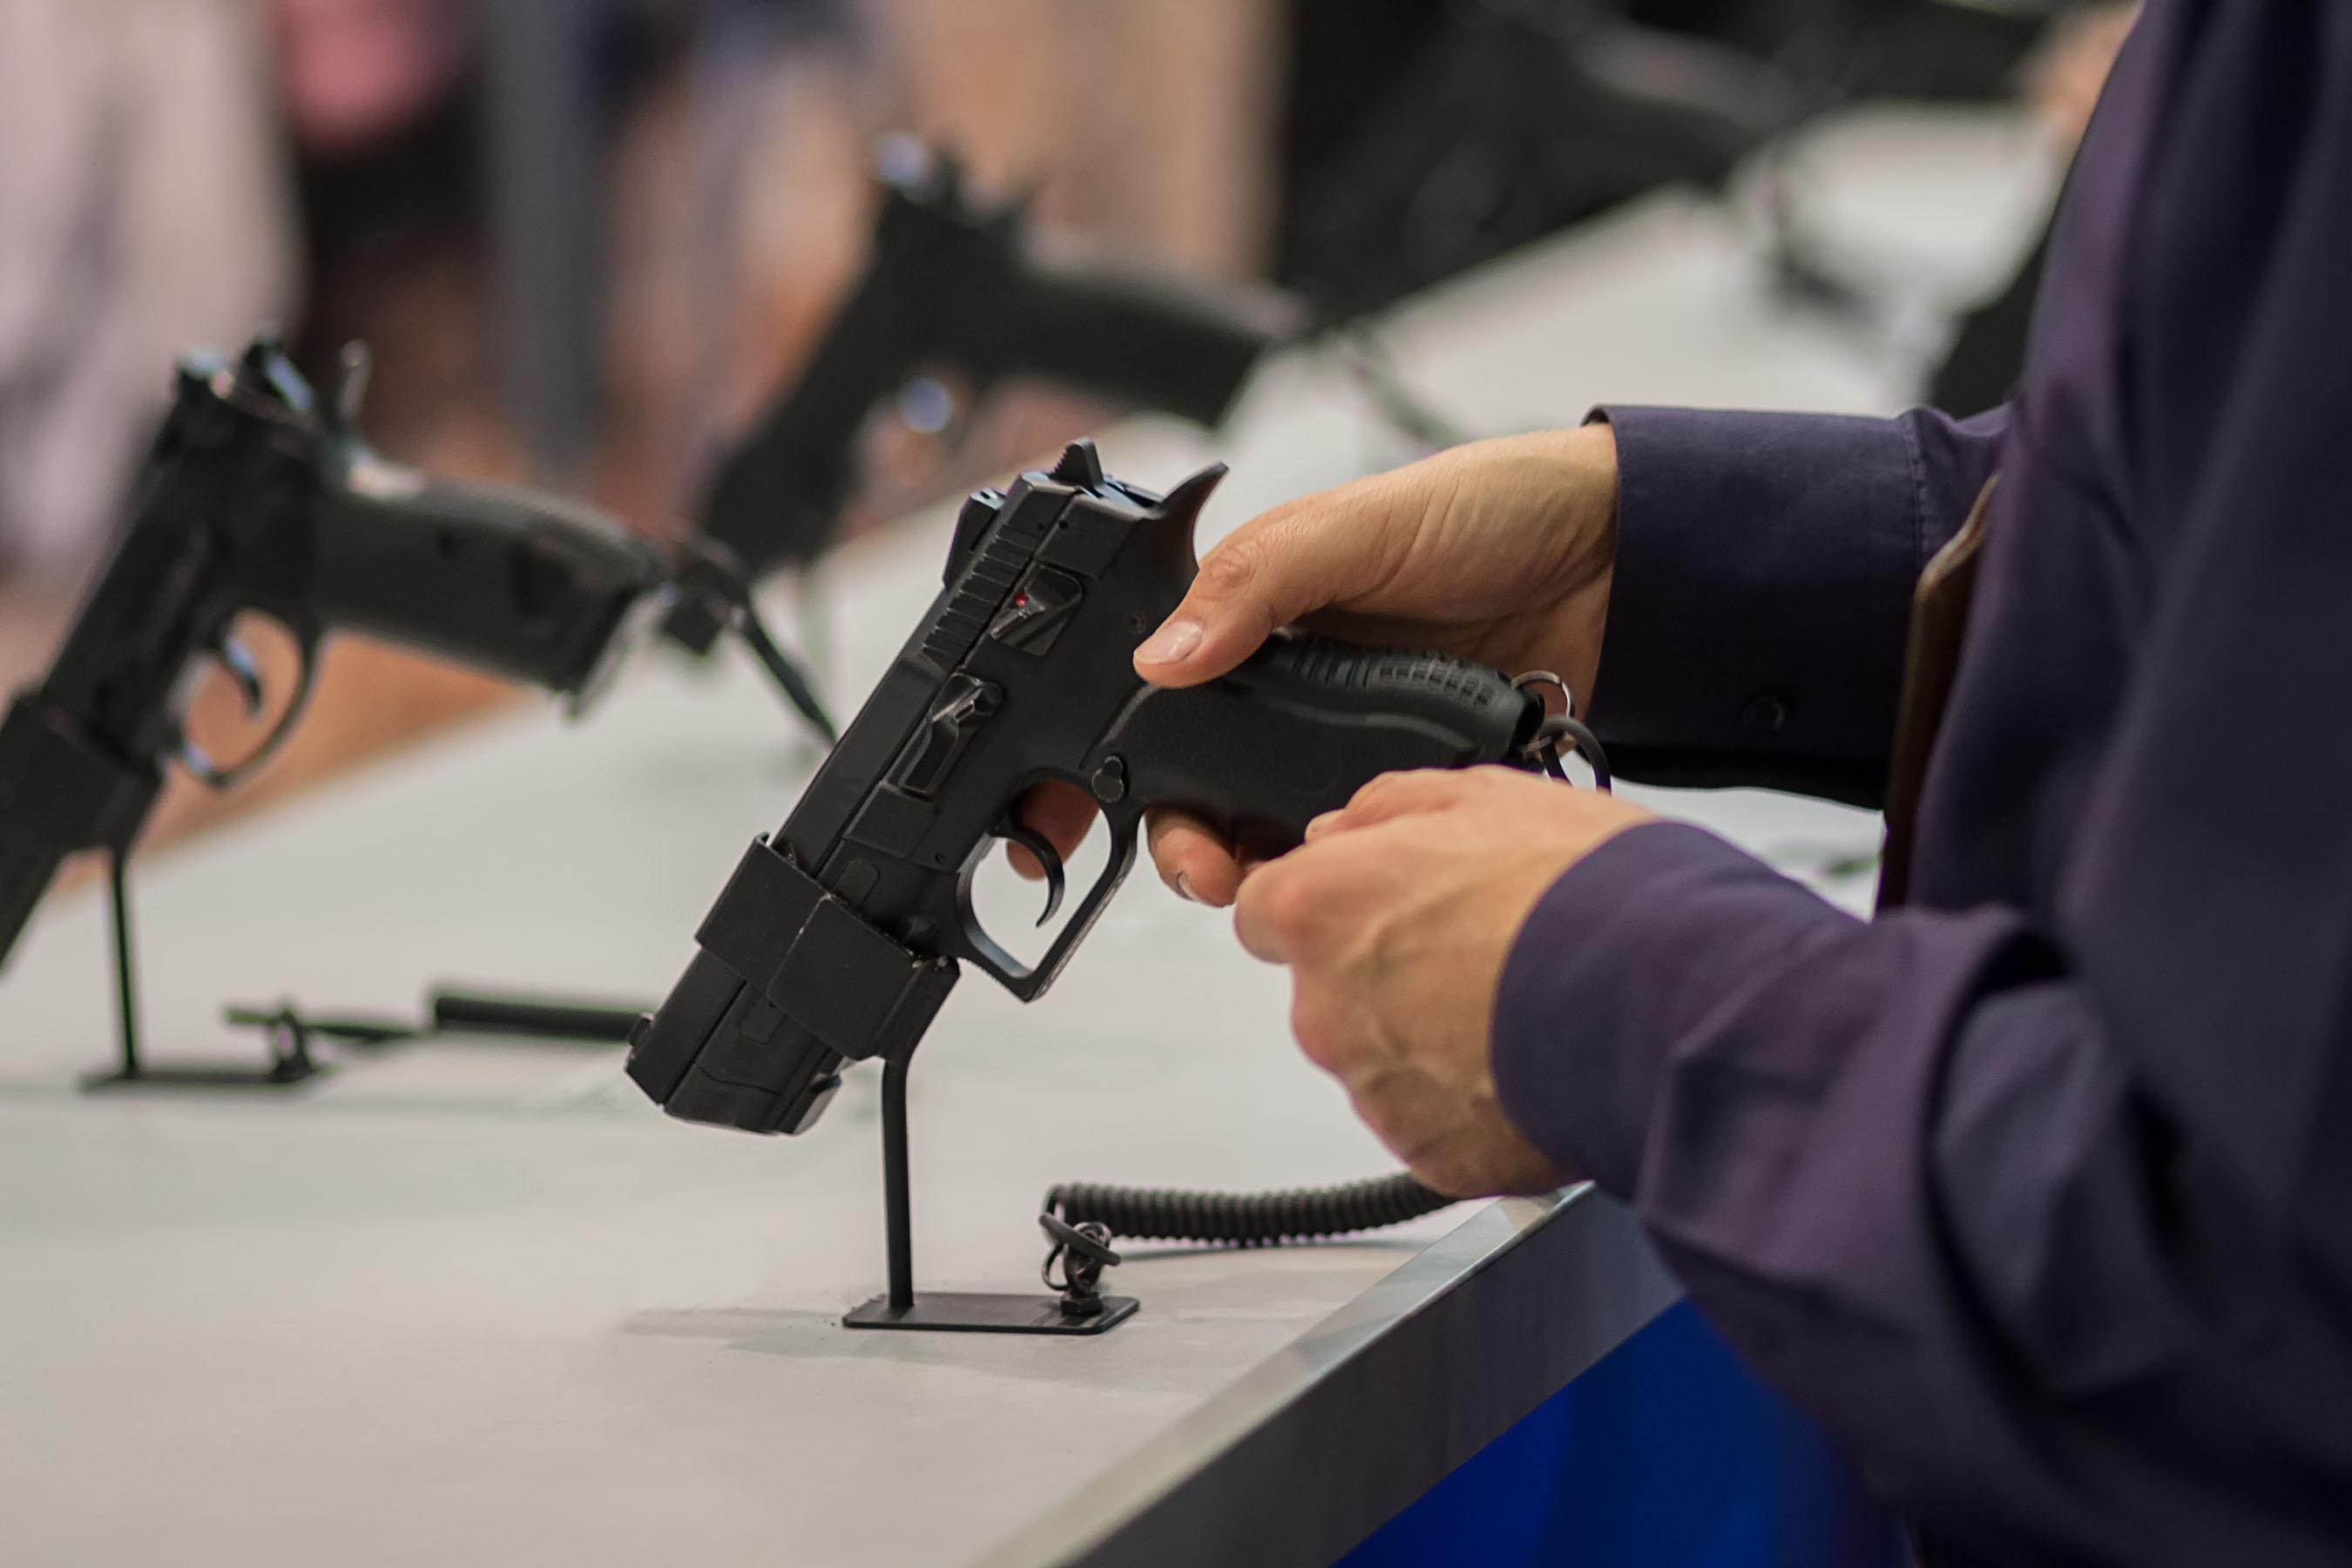 Person testing a handgun at a gun show